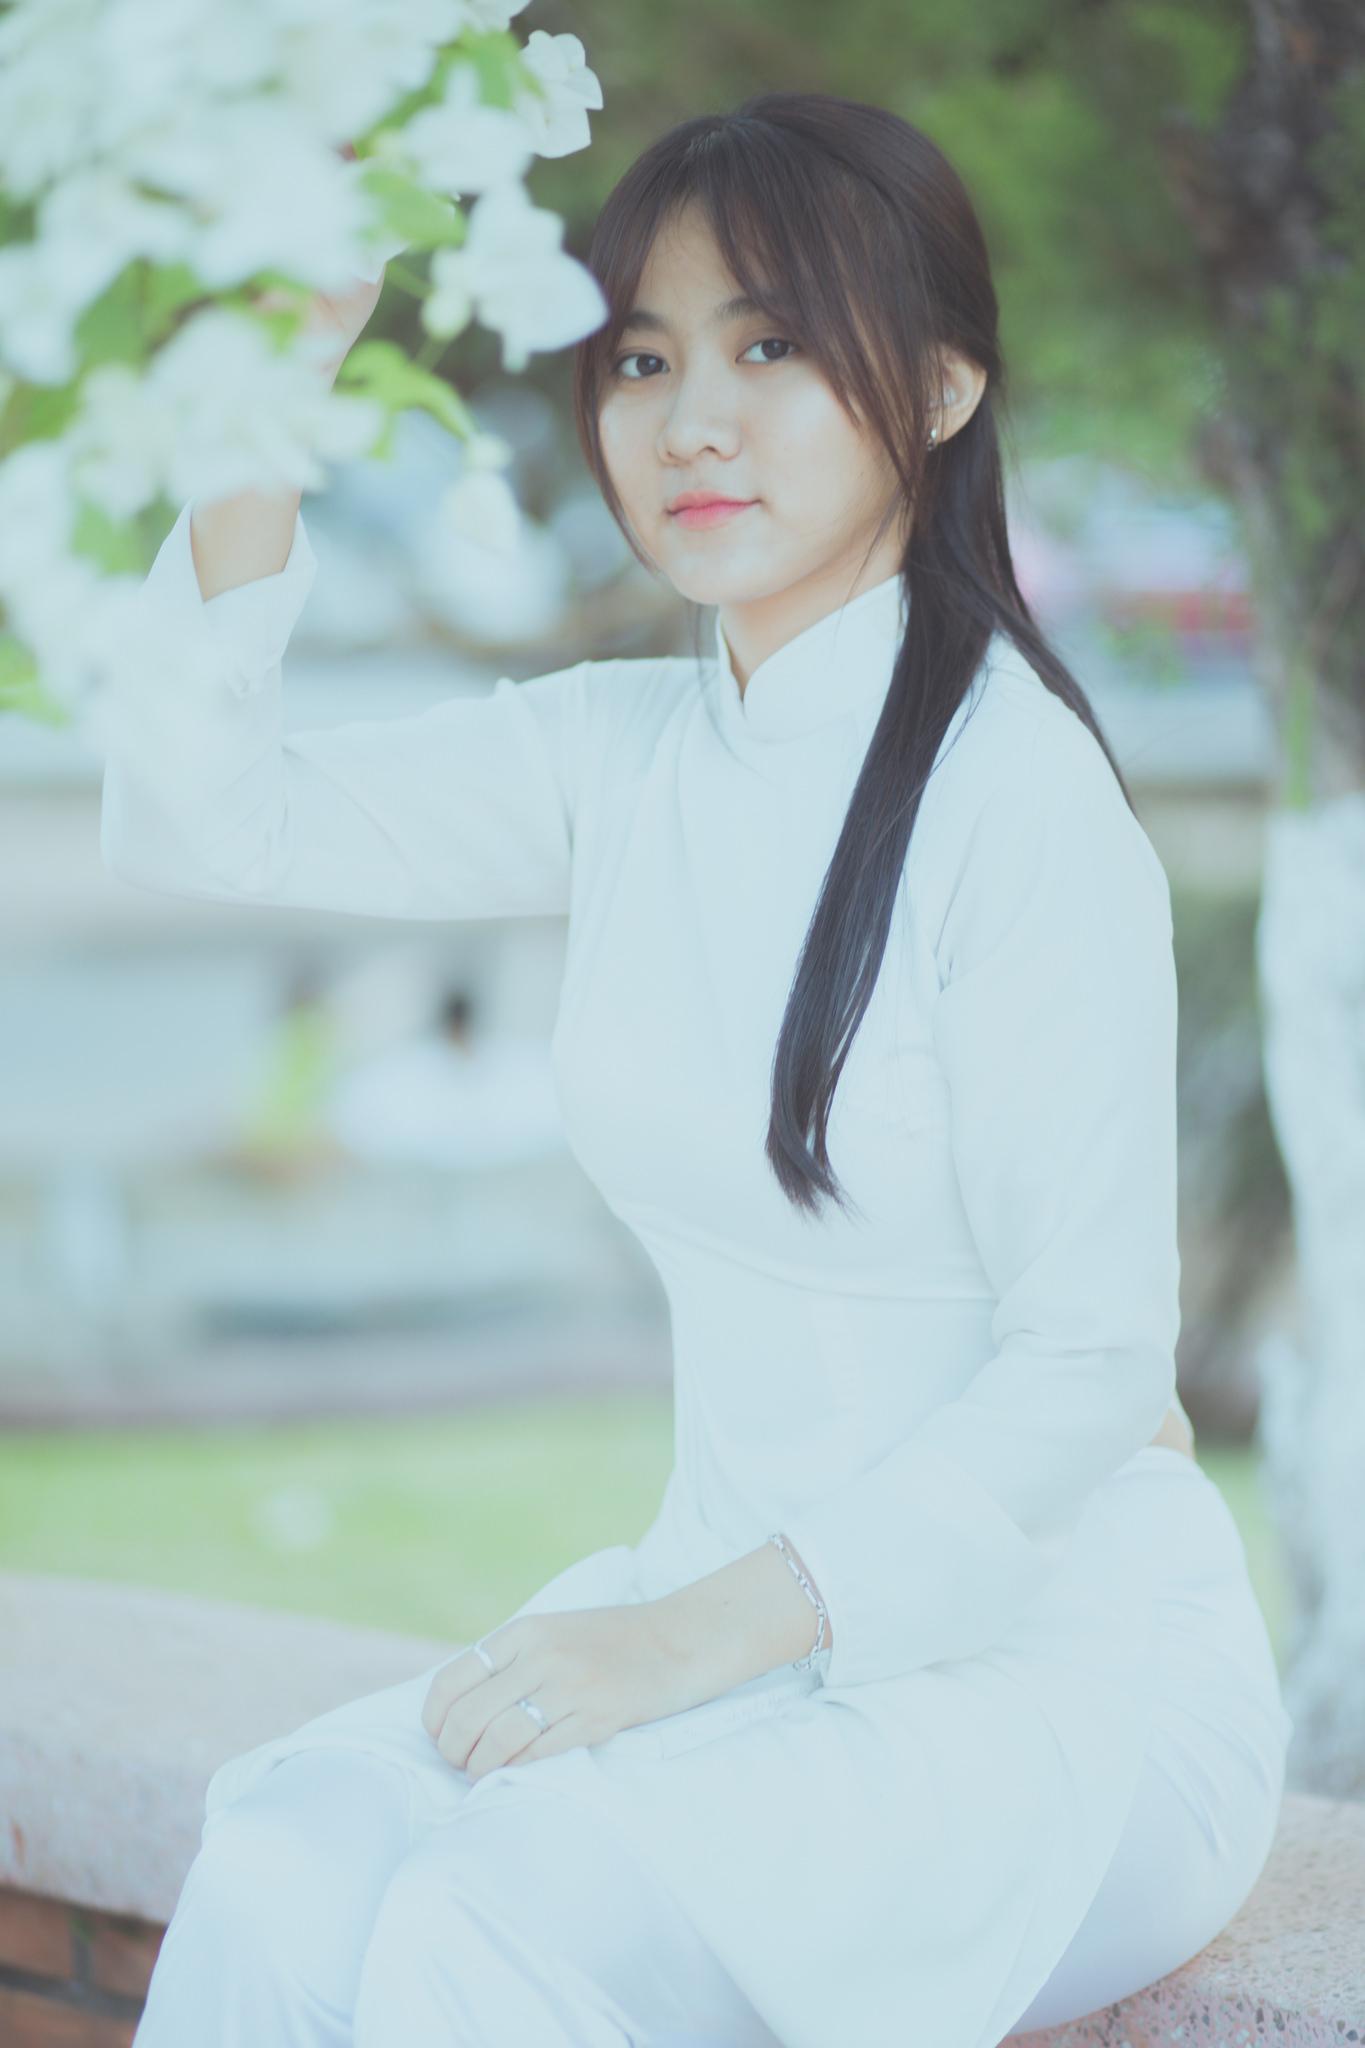 Tuyển tập girl xinh gái đẹp Việt Nam mặc áo dài đẹp mê hồn #60 - 11